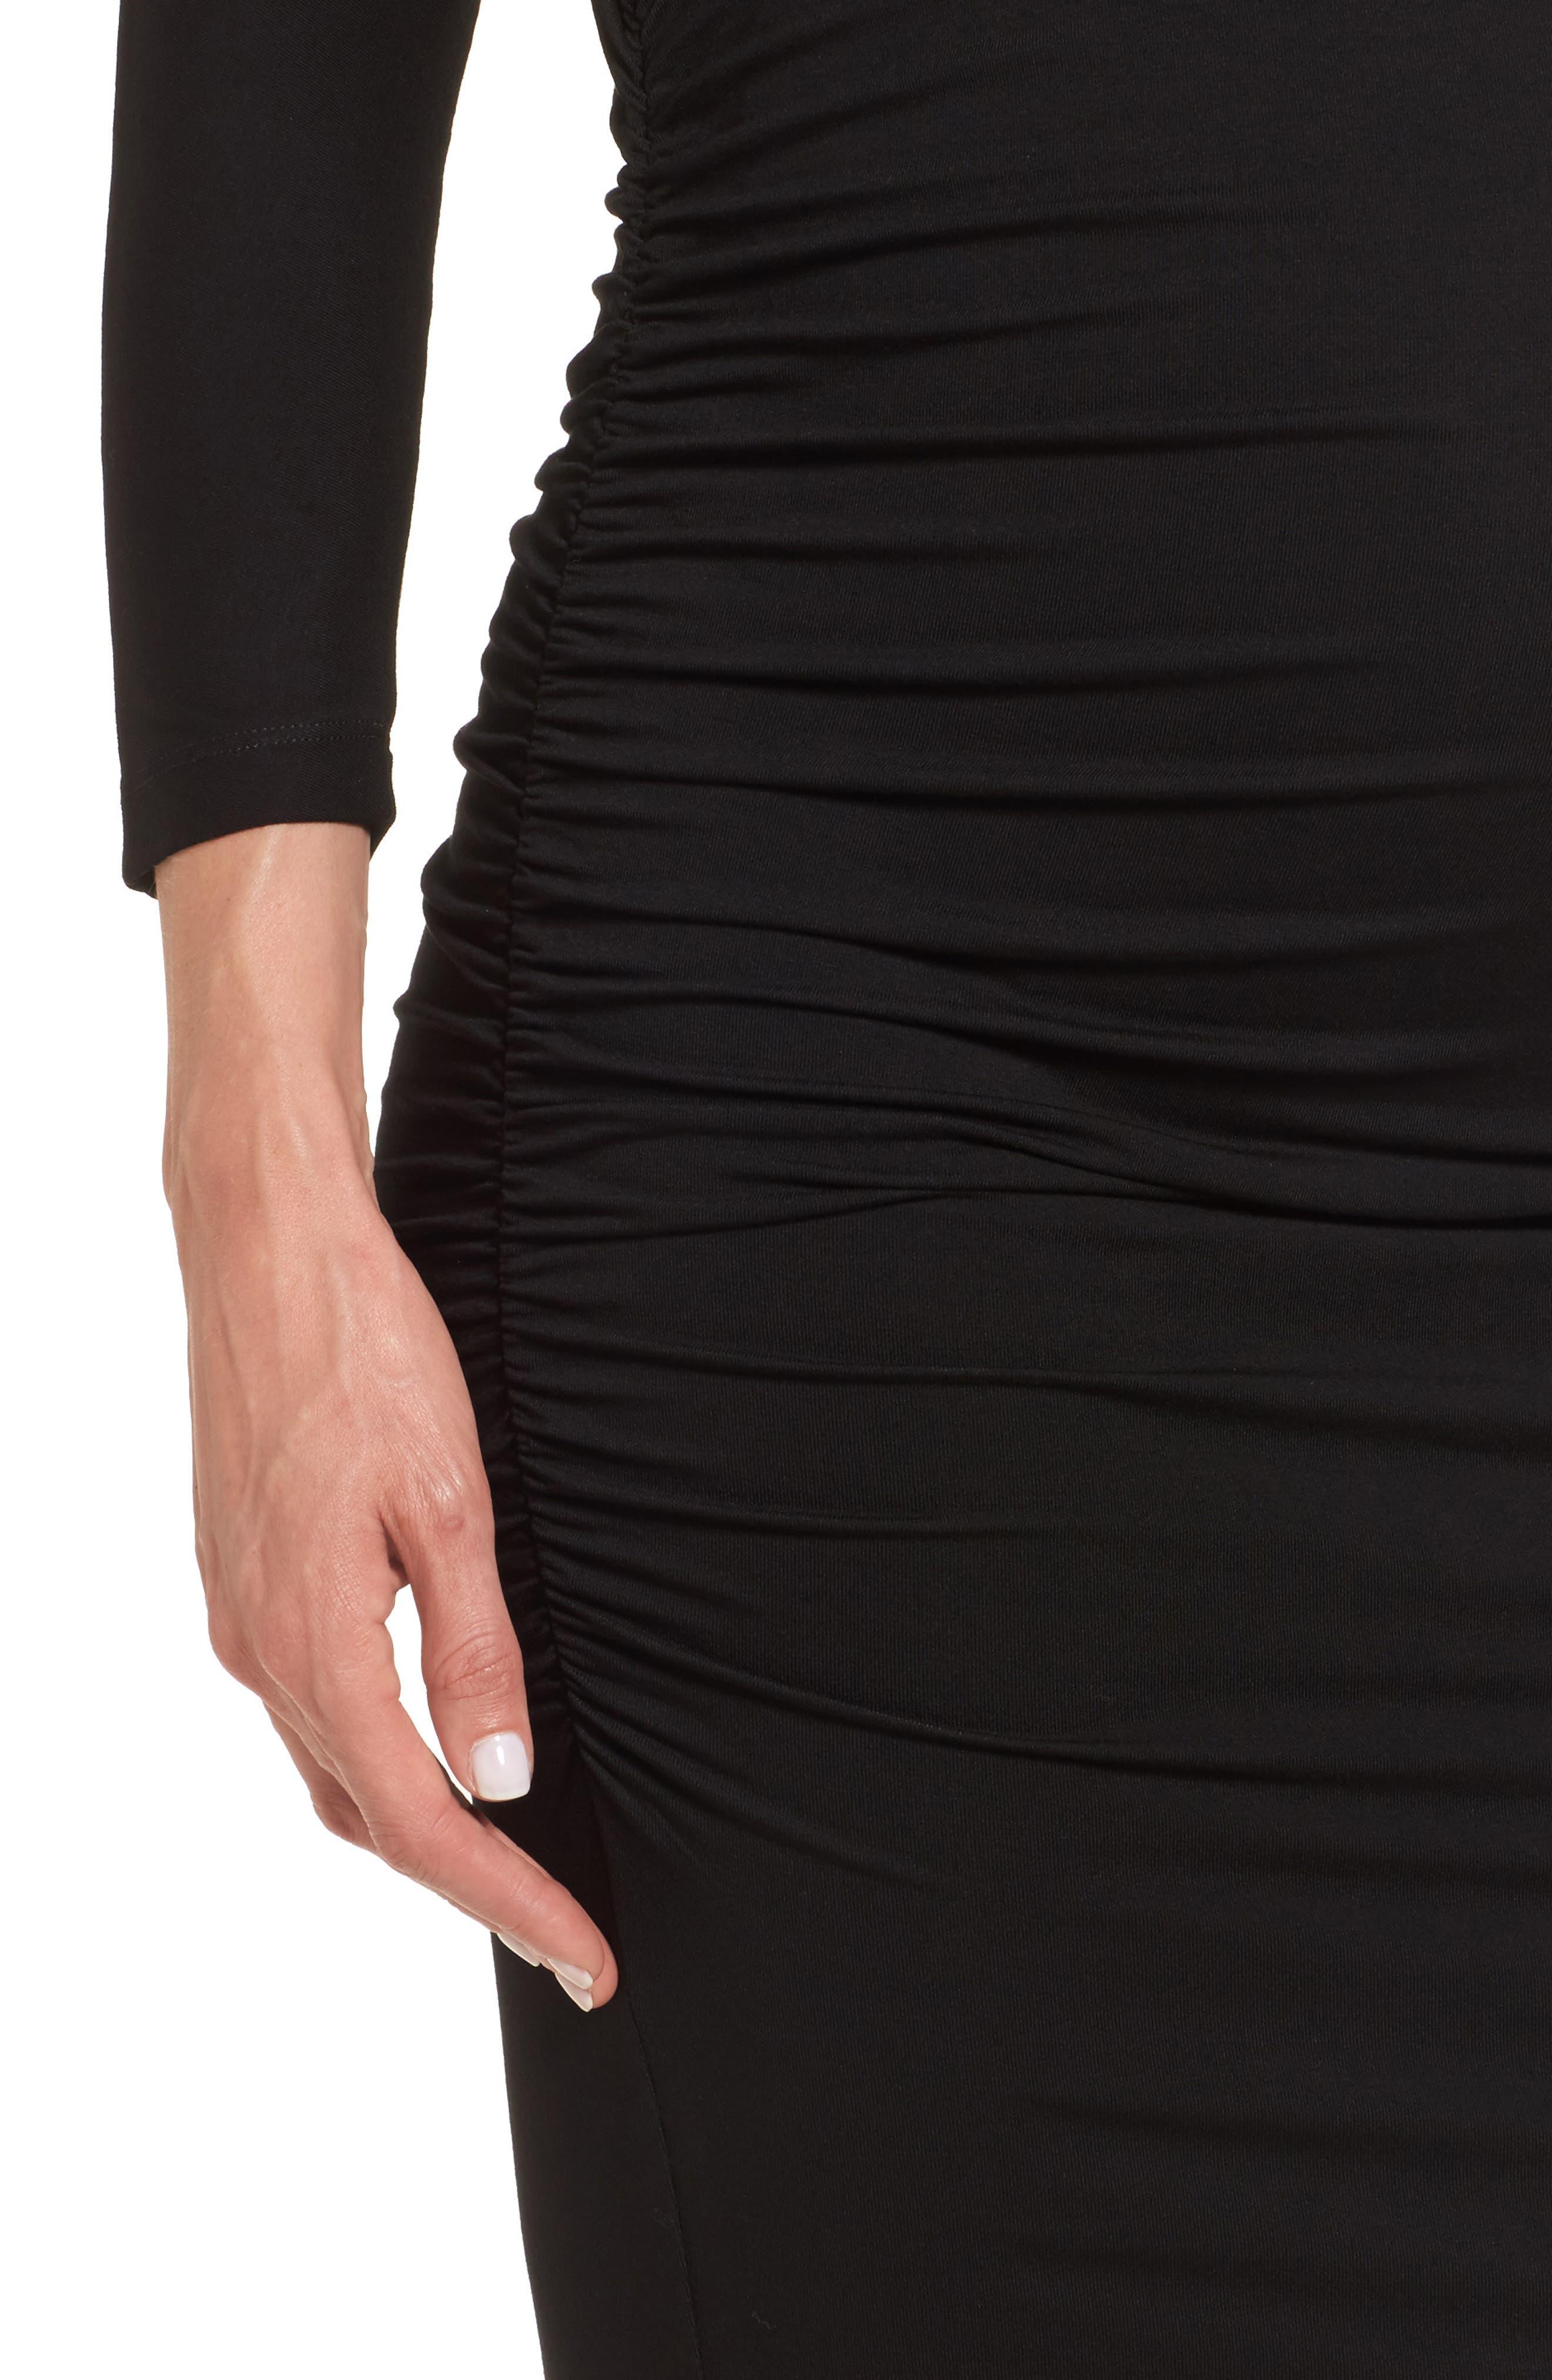 Jessa Maternity Dress,                             Alternate thumbnail 4, color,                             Caviar Black